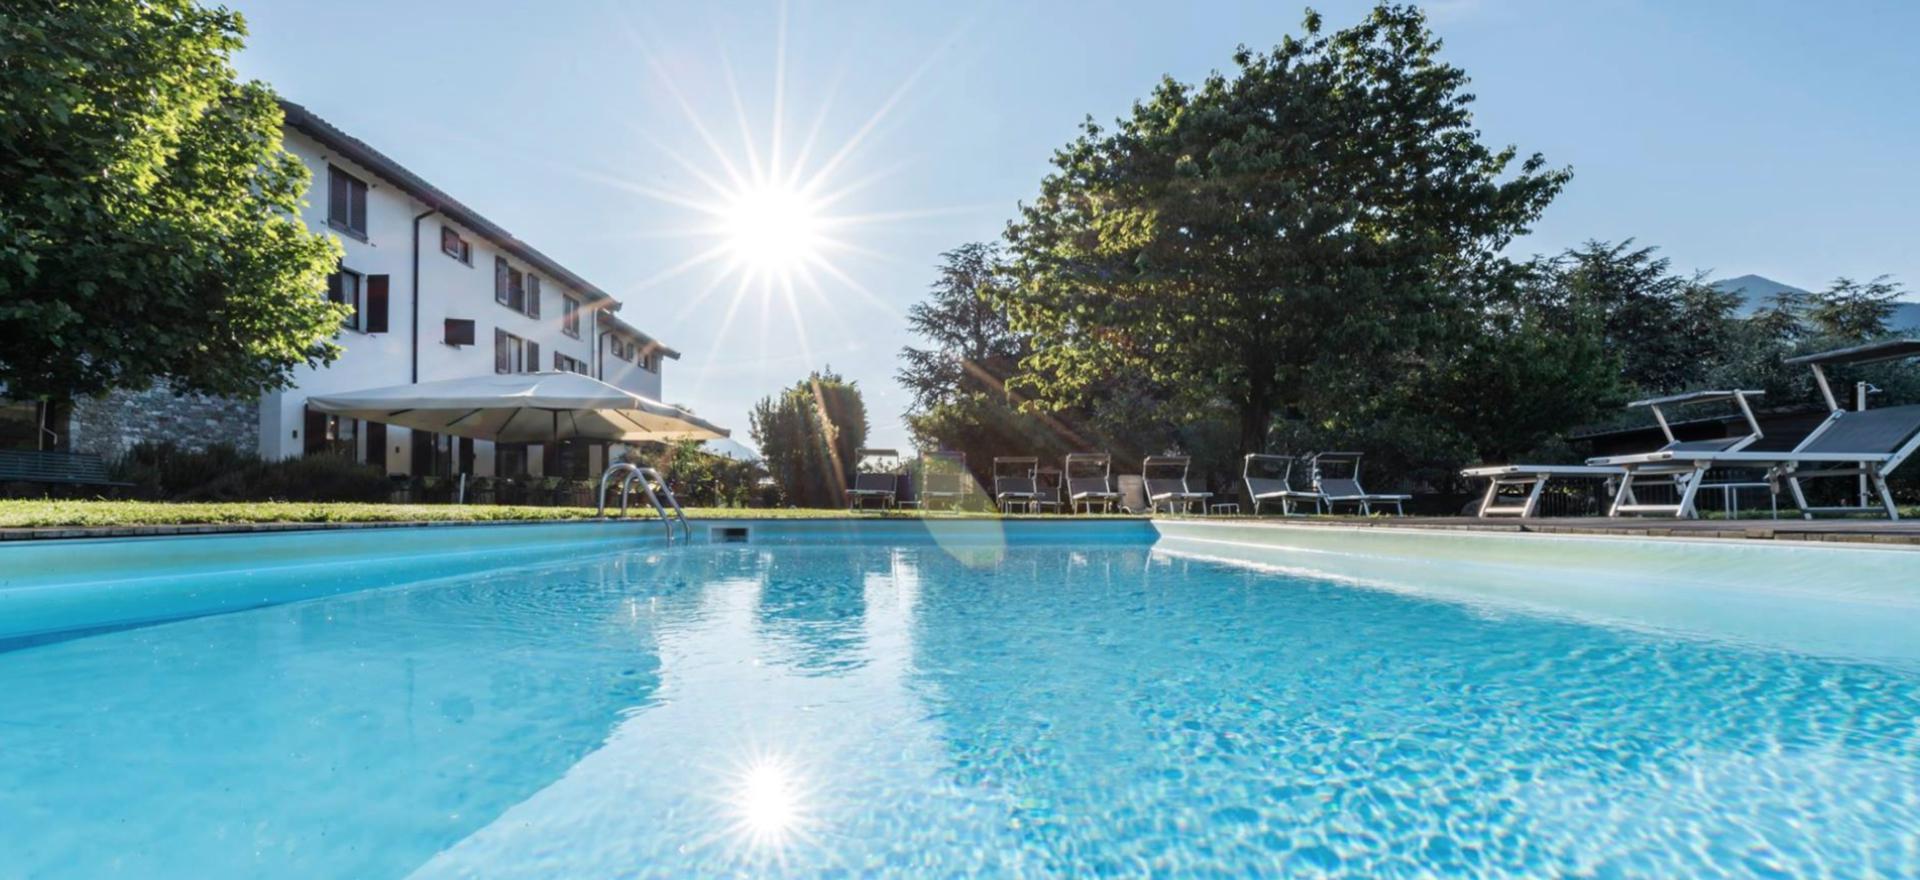 Agriturismo Lago di Como e lago di Garda Agriturismo elegante a pochi passi dal lago di Como